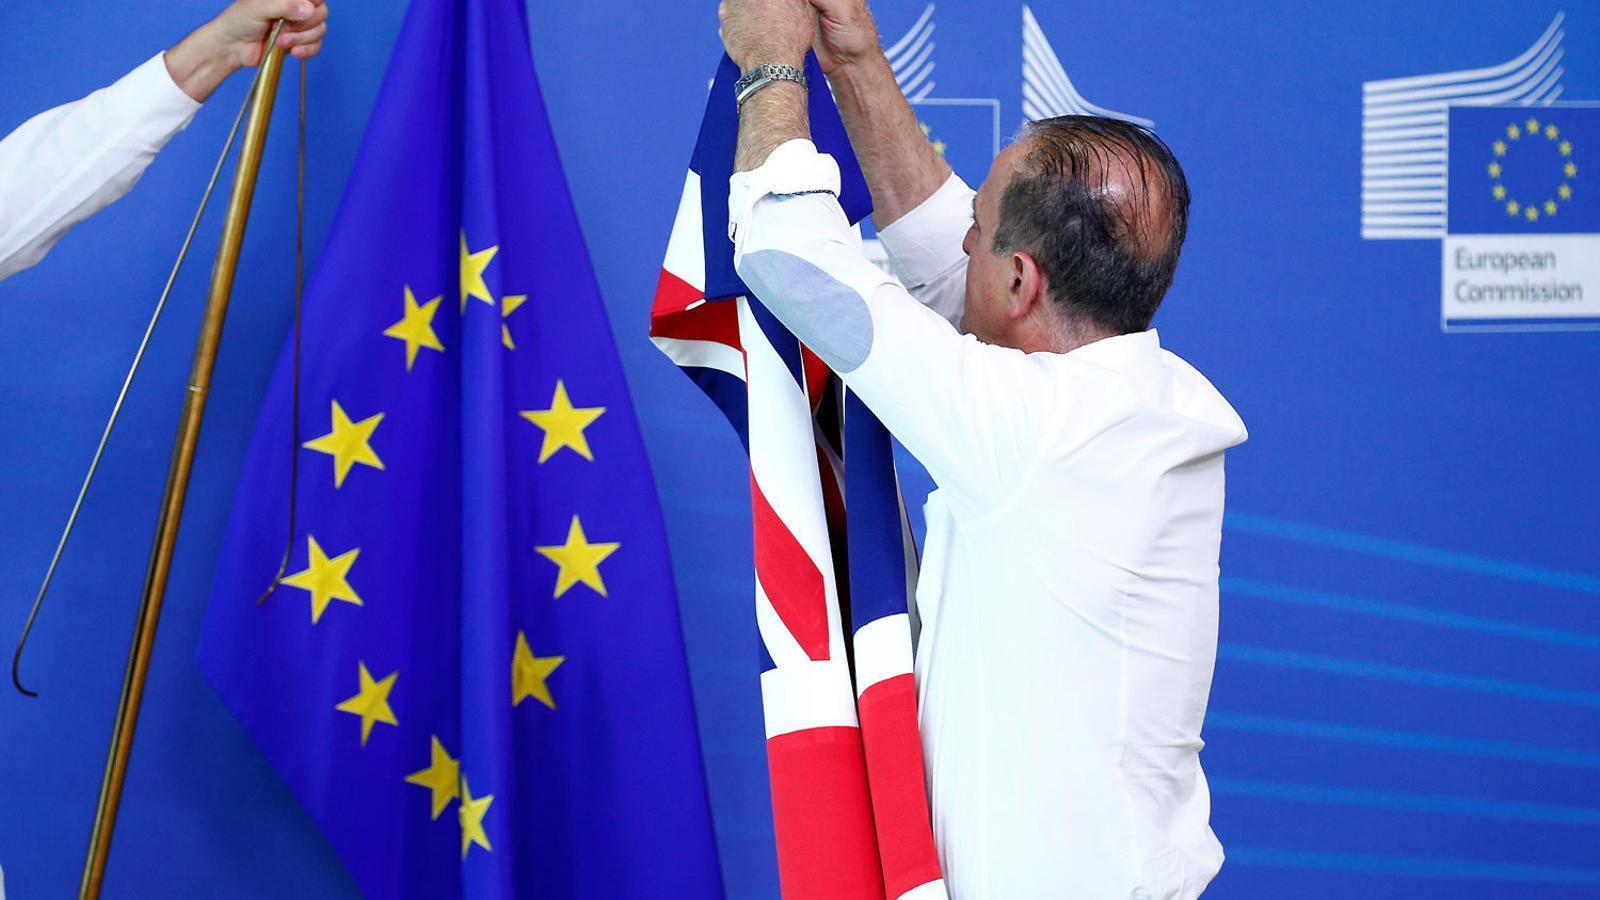 La UE es prepara per a un Brexit caòtic